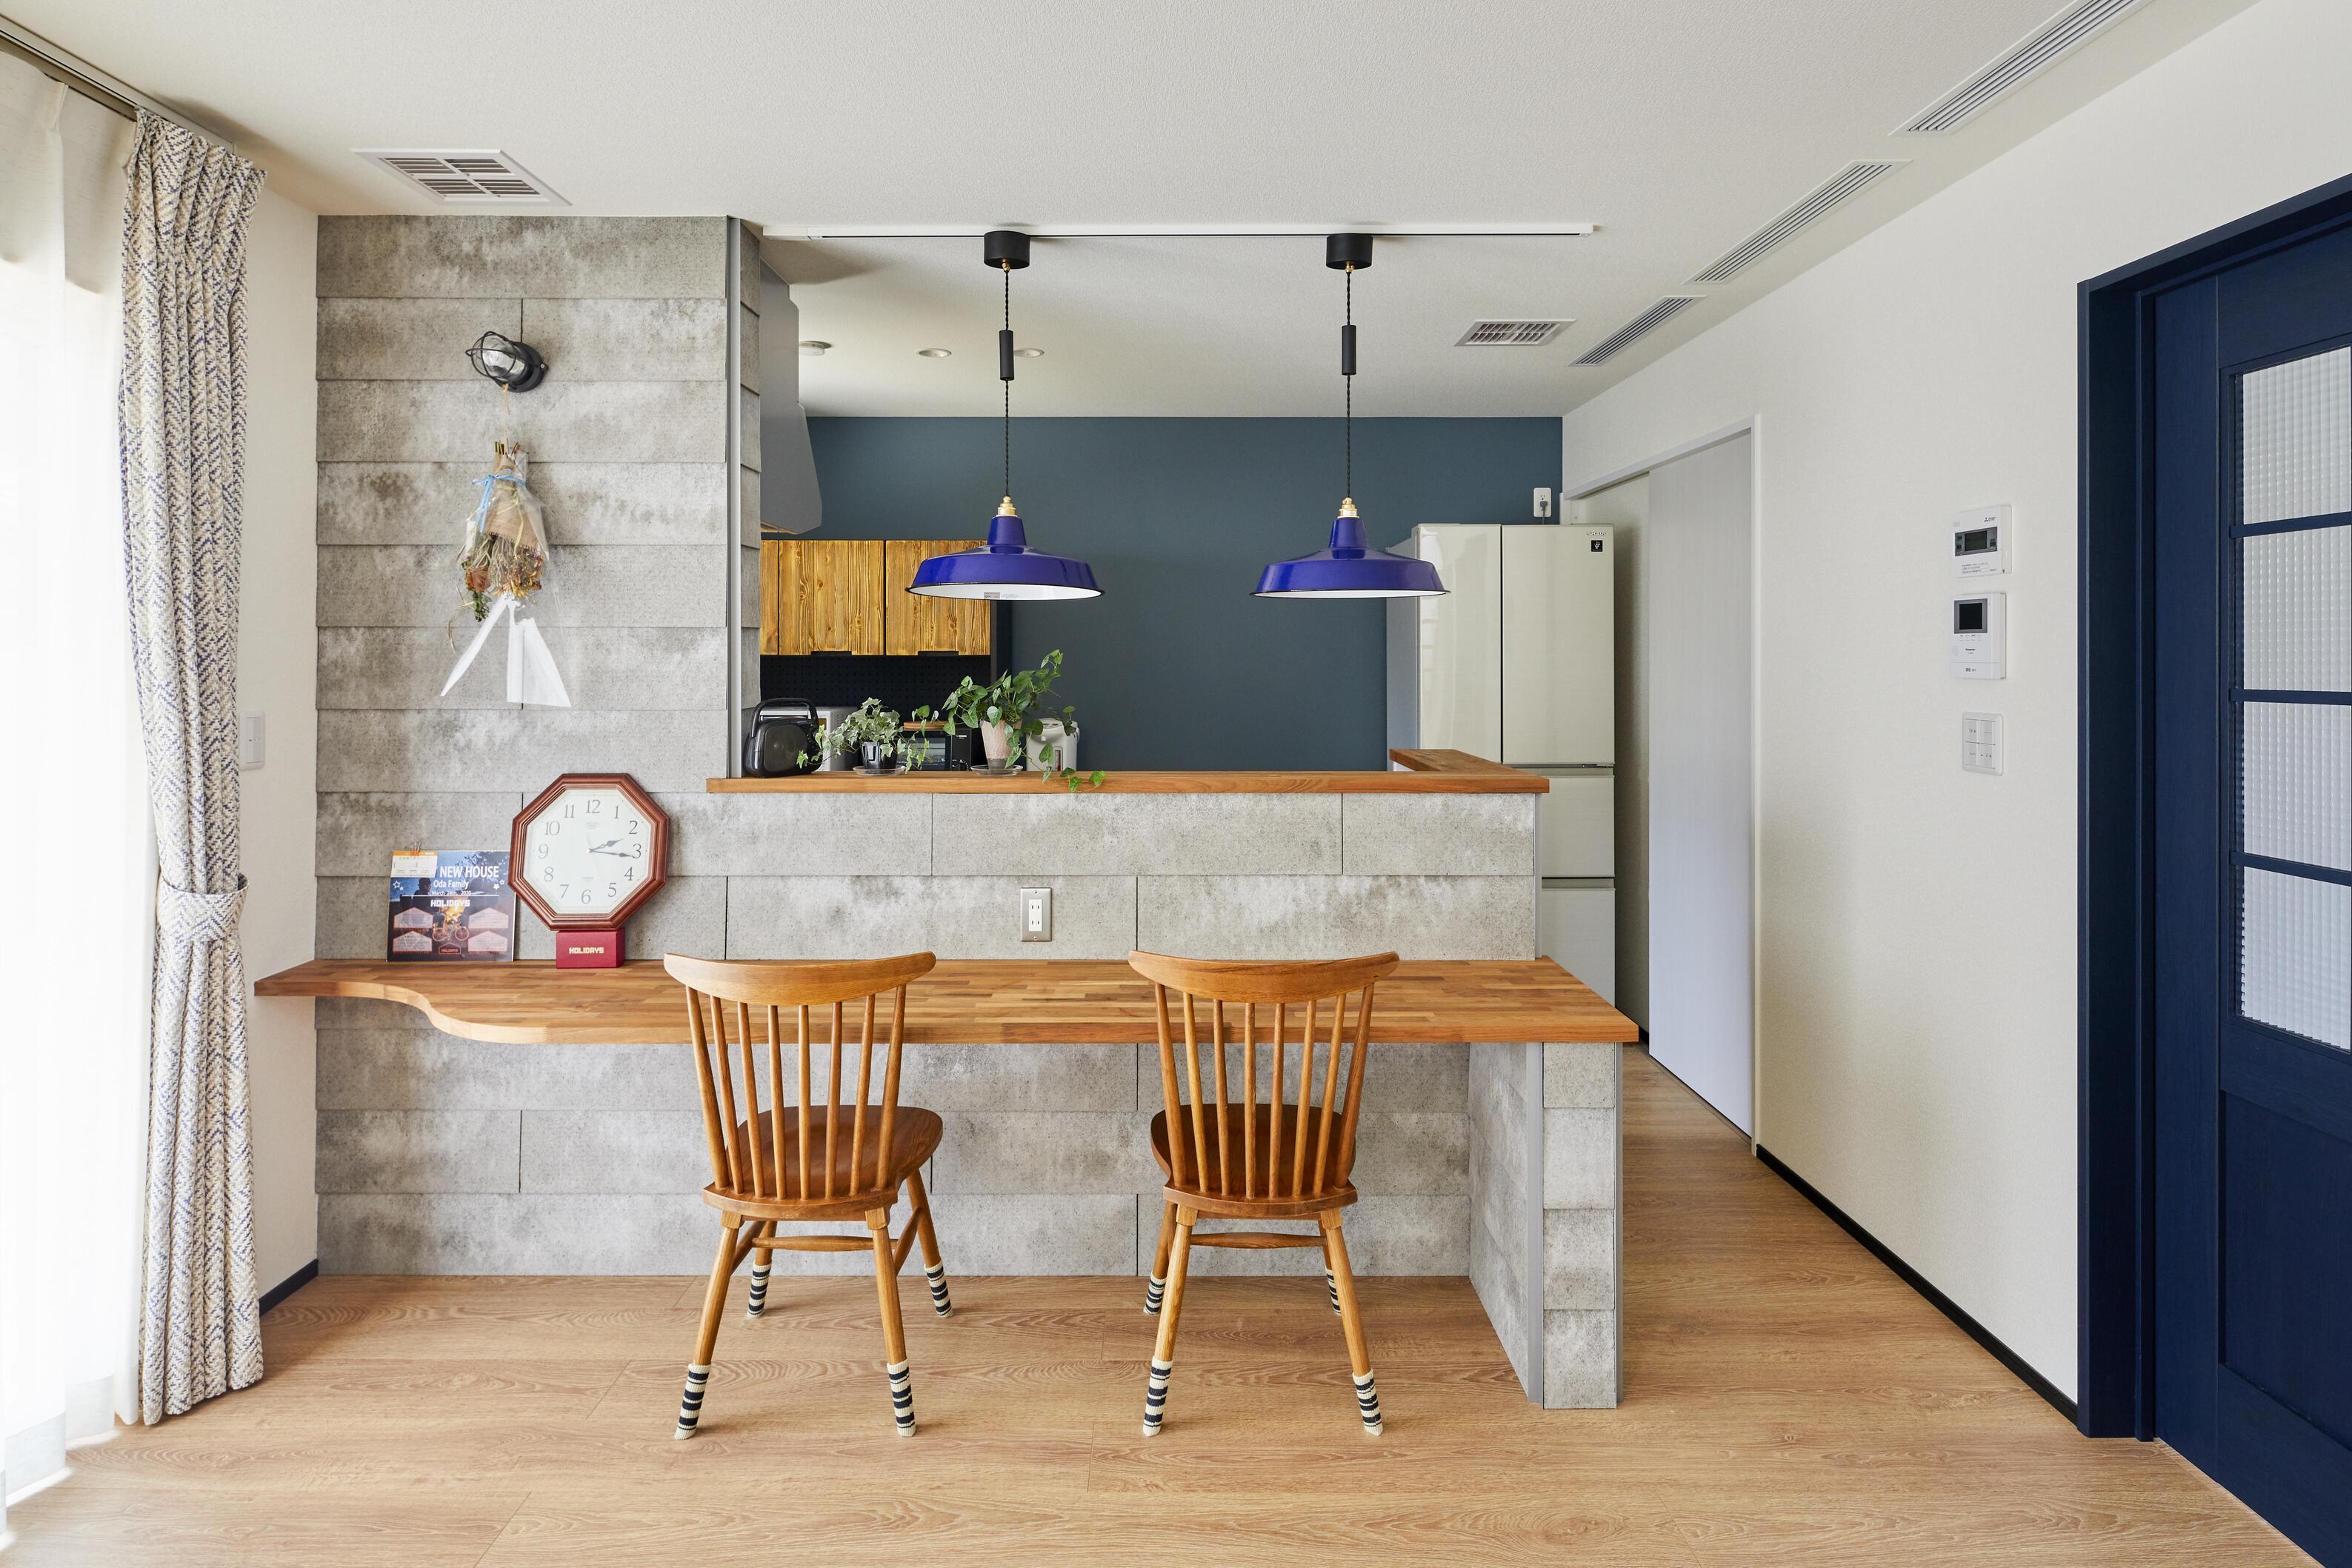 キッチンにはカウンターを造作。SOLIDというセメント系壁材をキッチンの腰壁に設えた